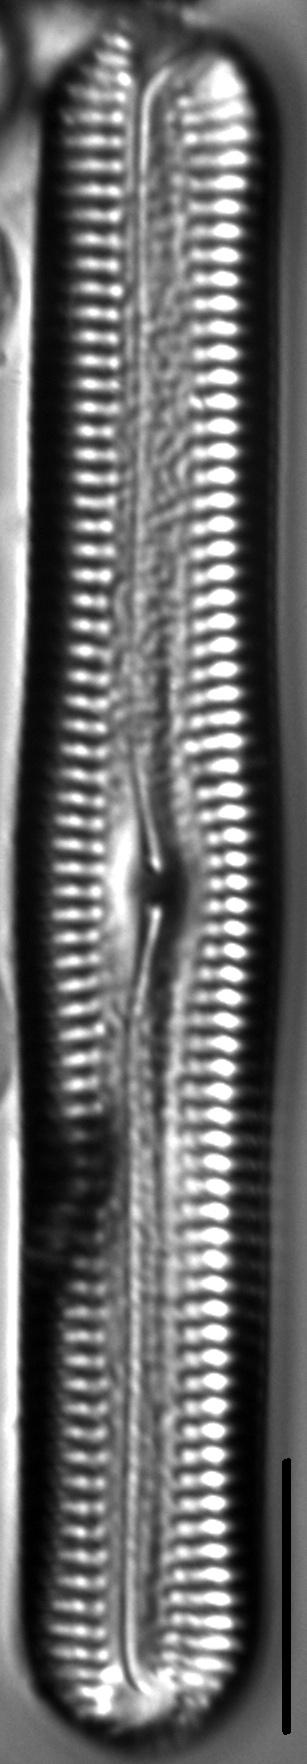 Pinnularia acrosphaeria LM3